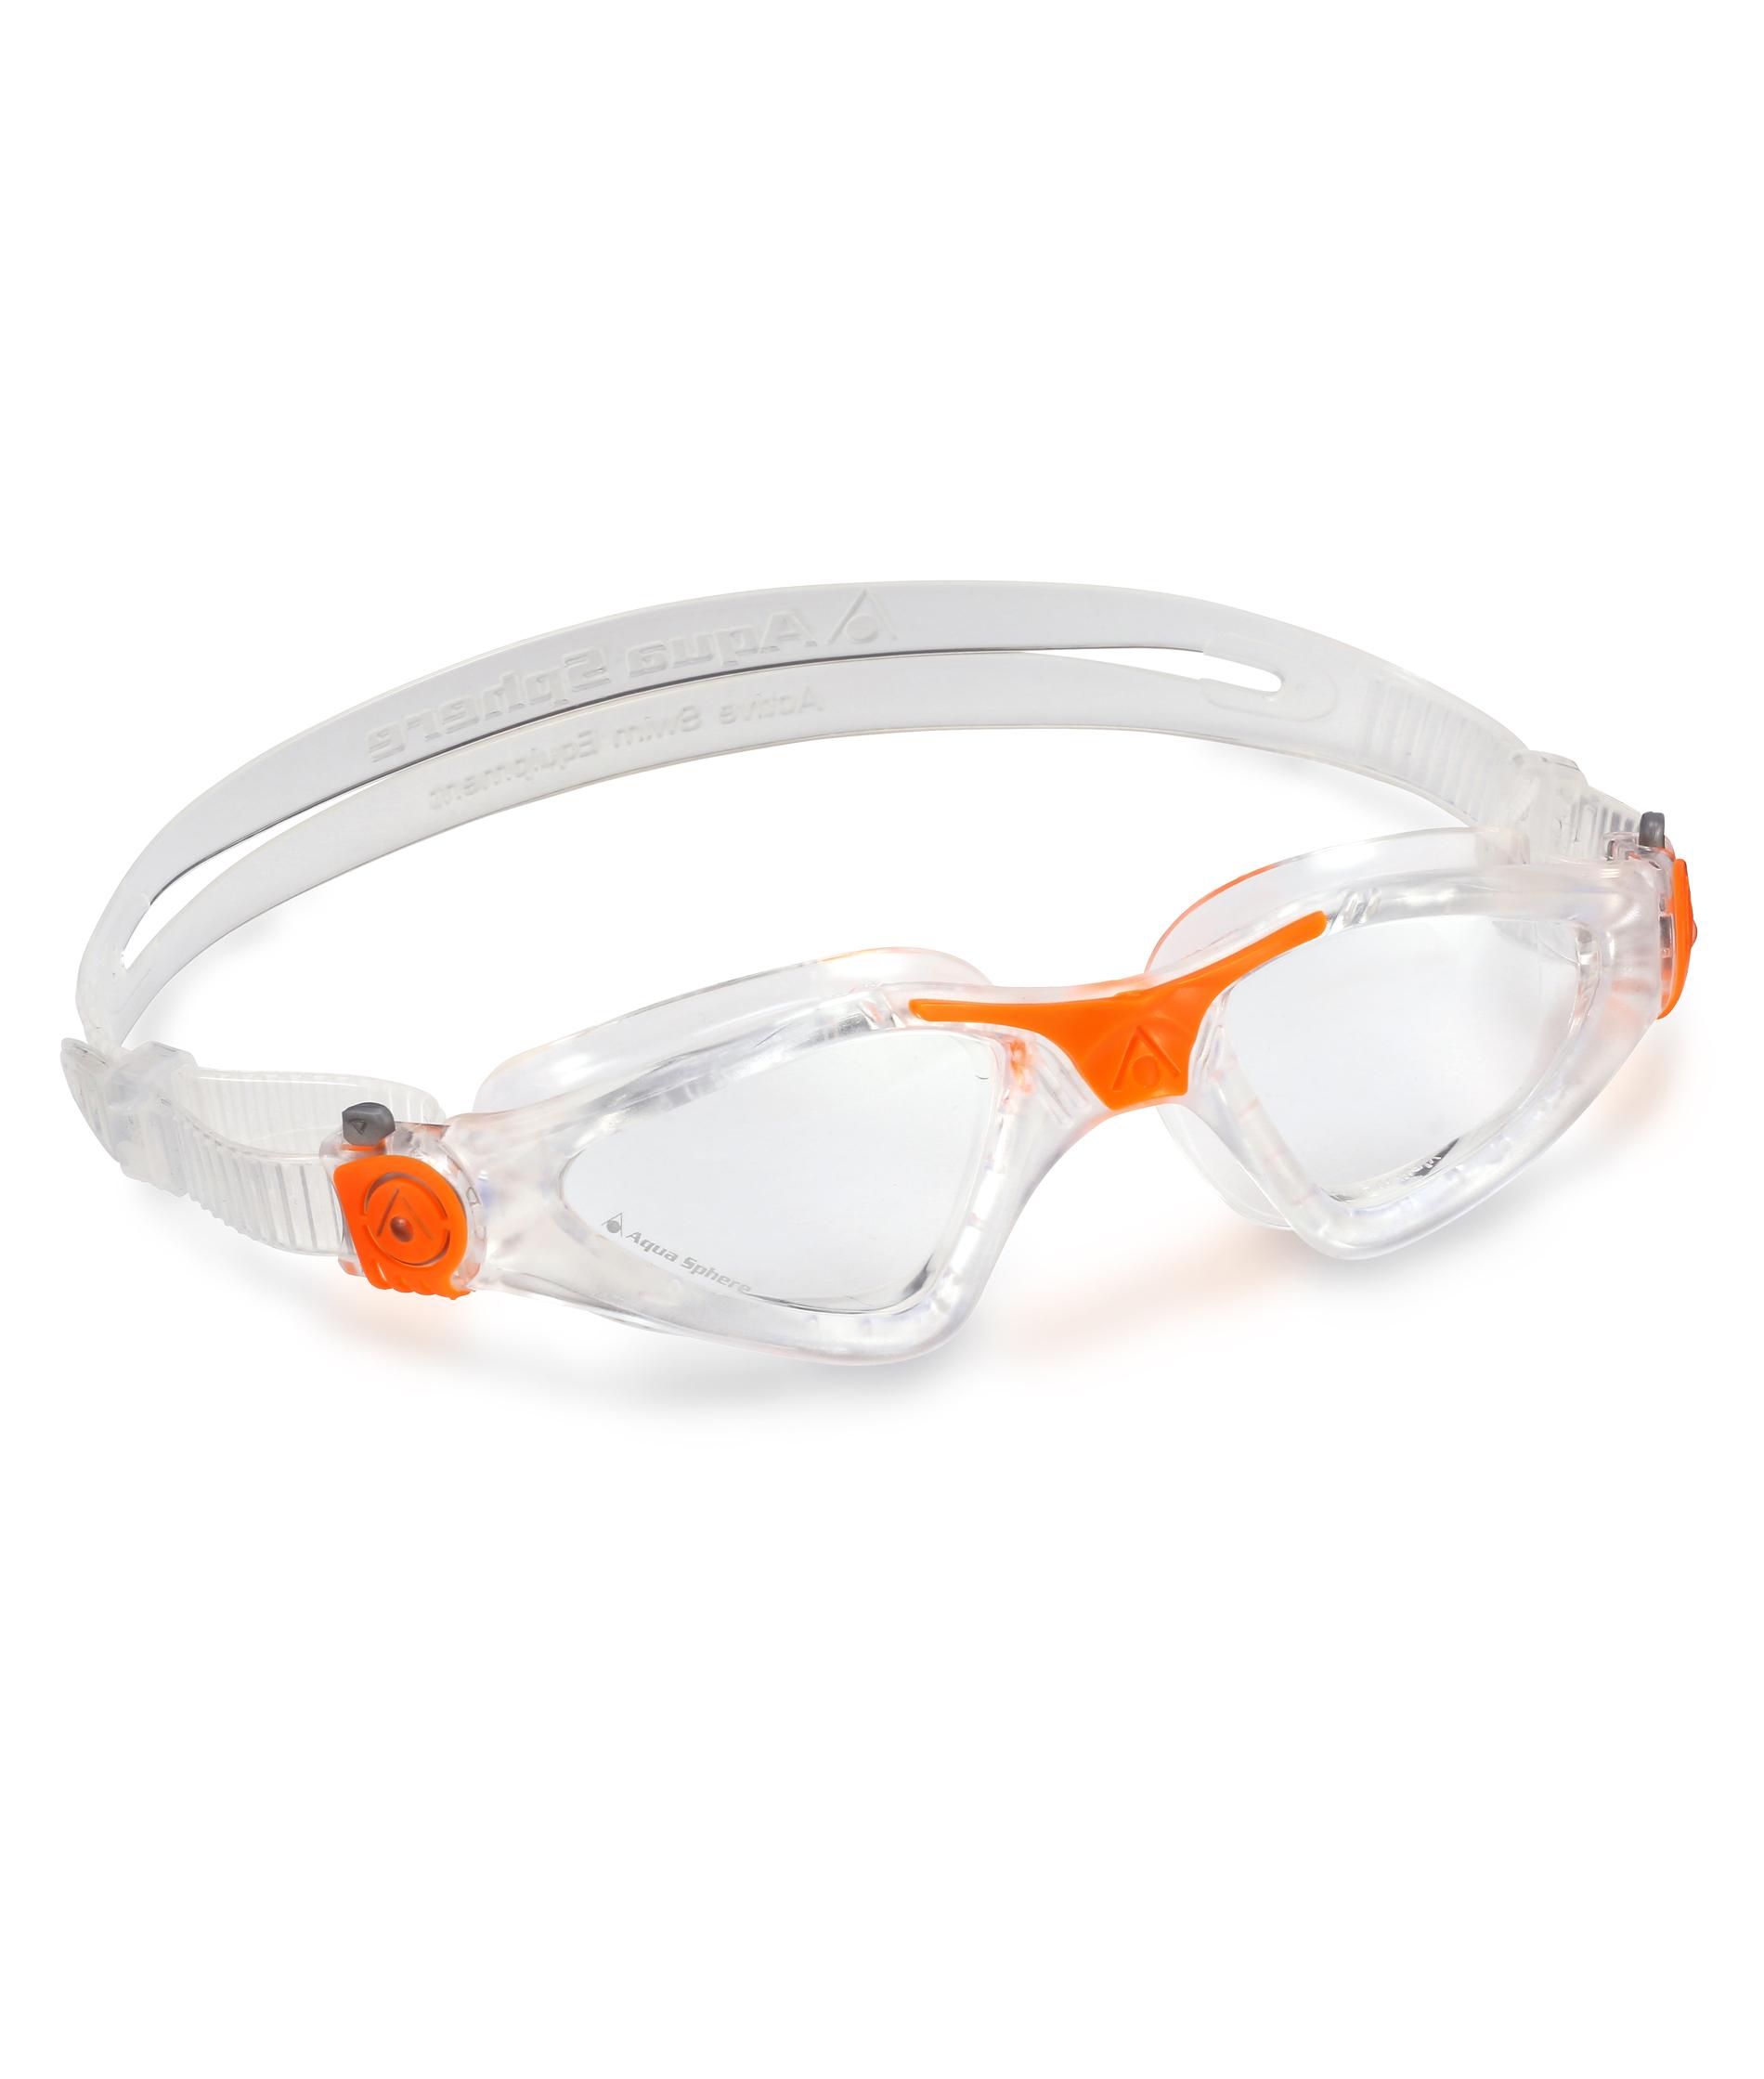 Aqua Sphere Kayenne Goggles - Clear/Orange